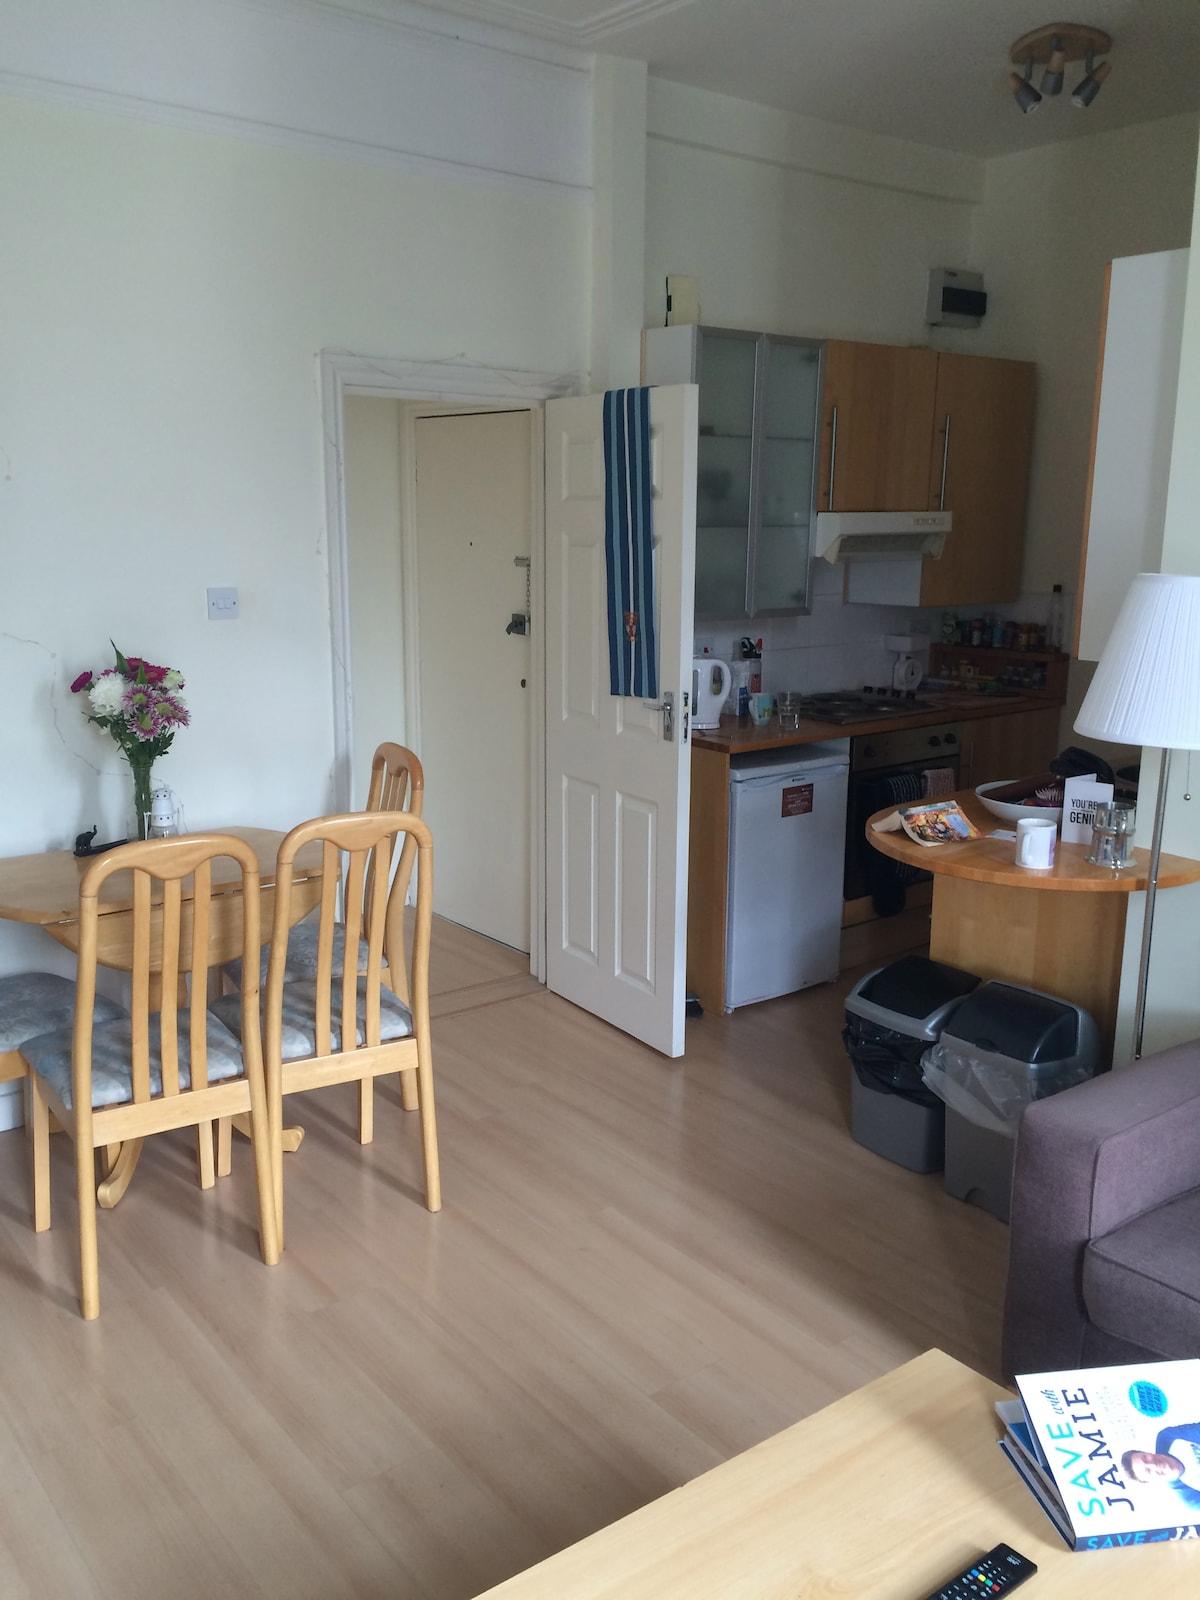 Spacious flat in West Kensington